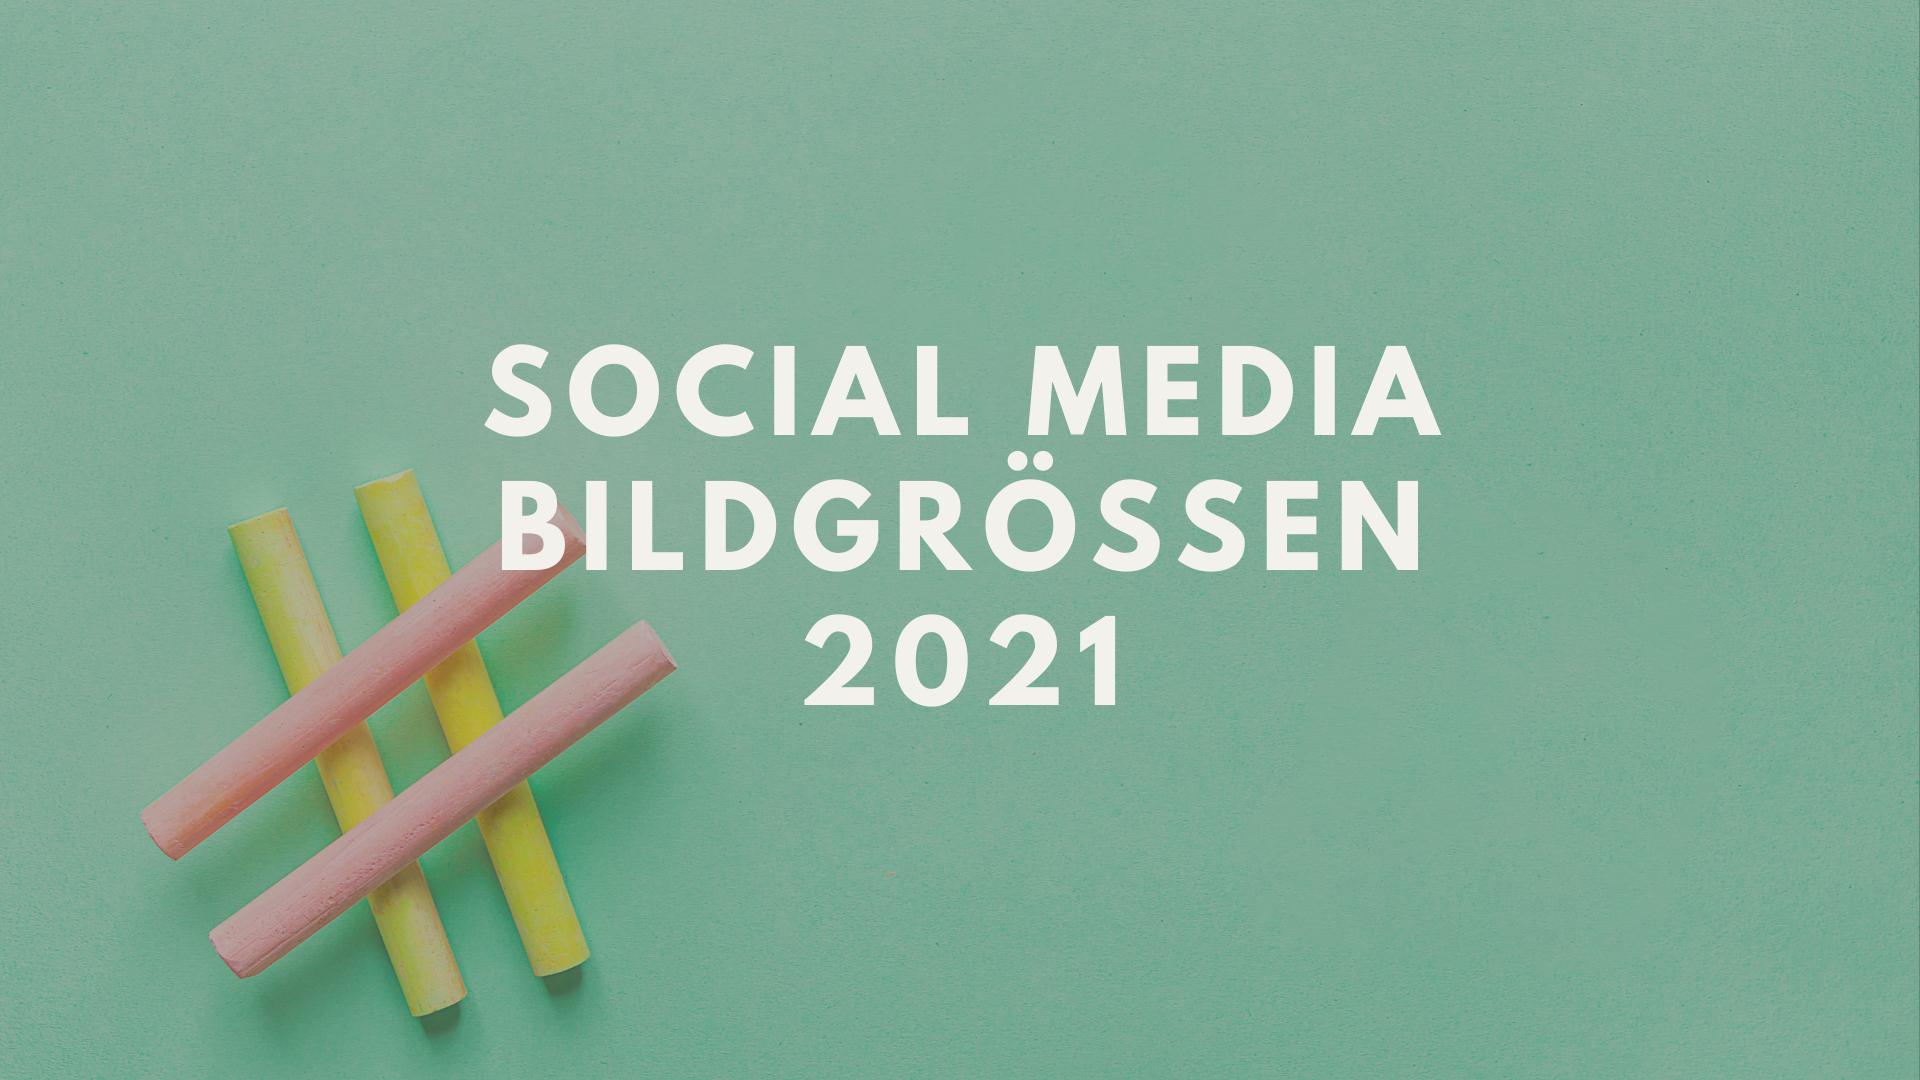 Social Media Bildgrößen 2021: Die optimalen Formate für Facebook & Co